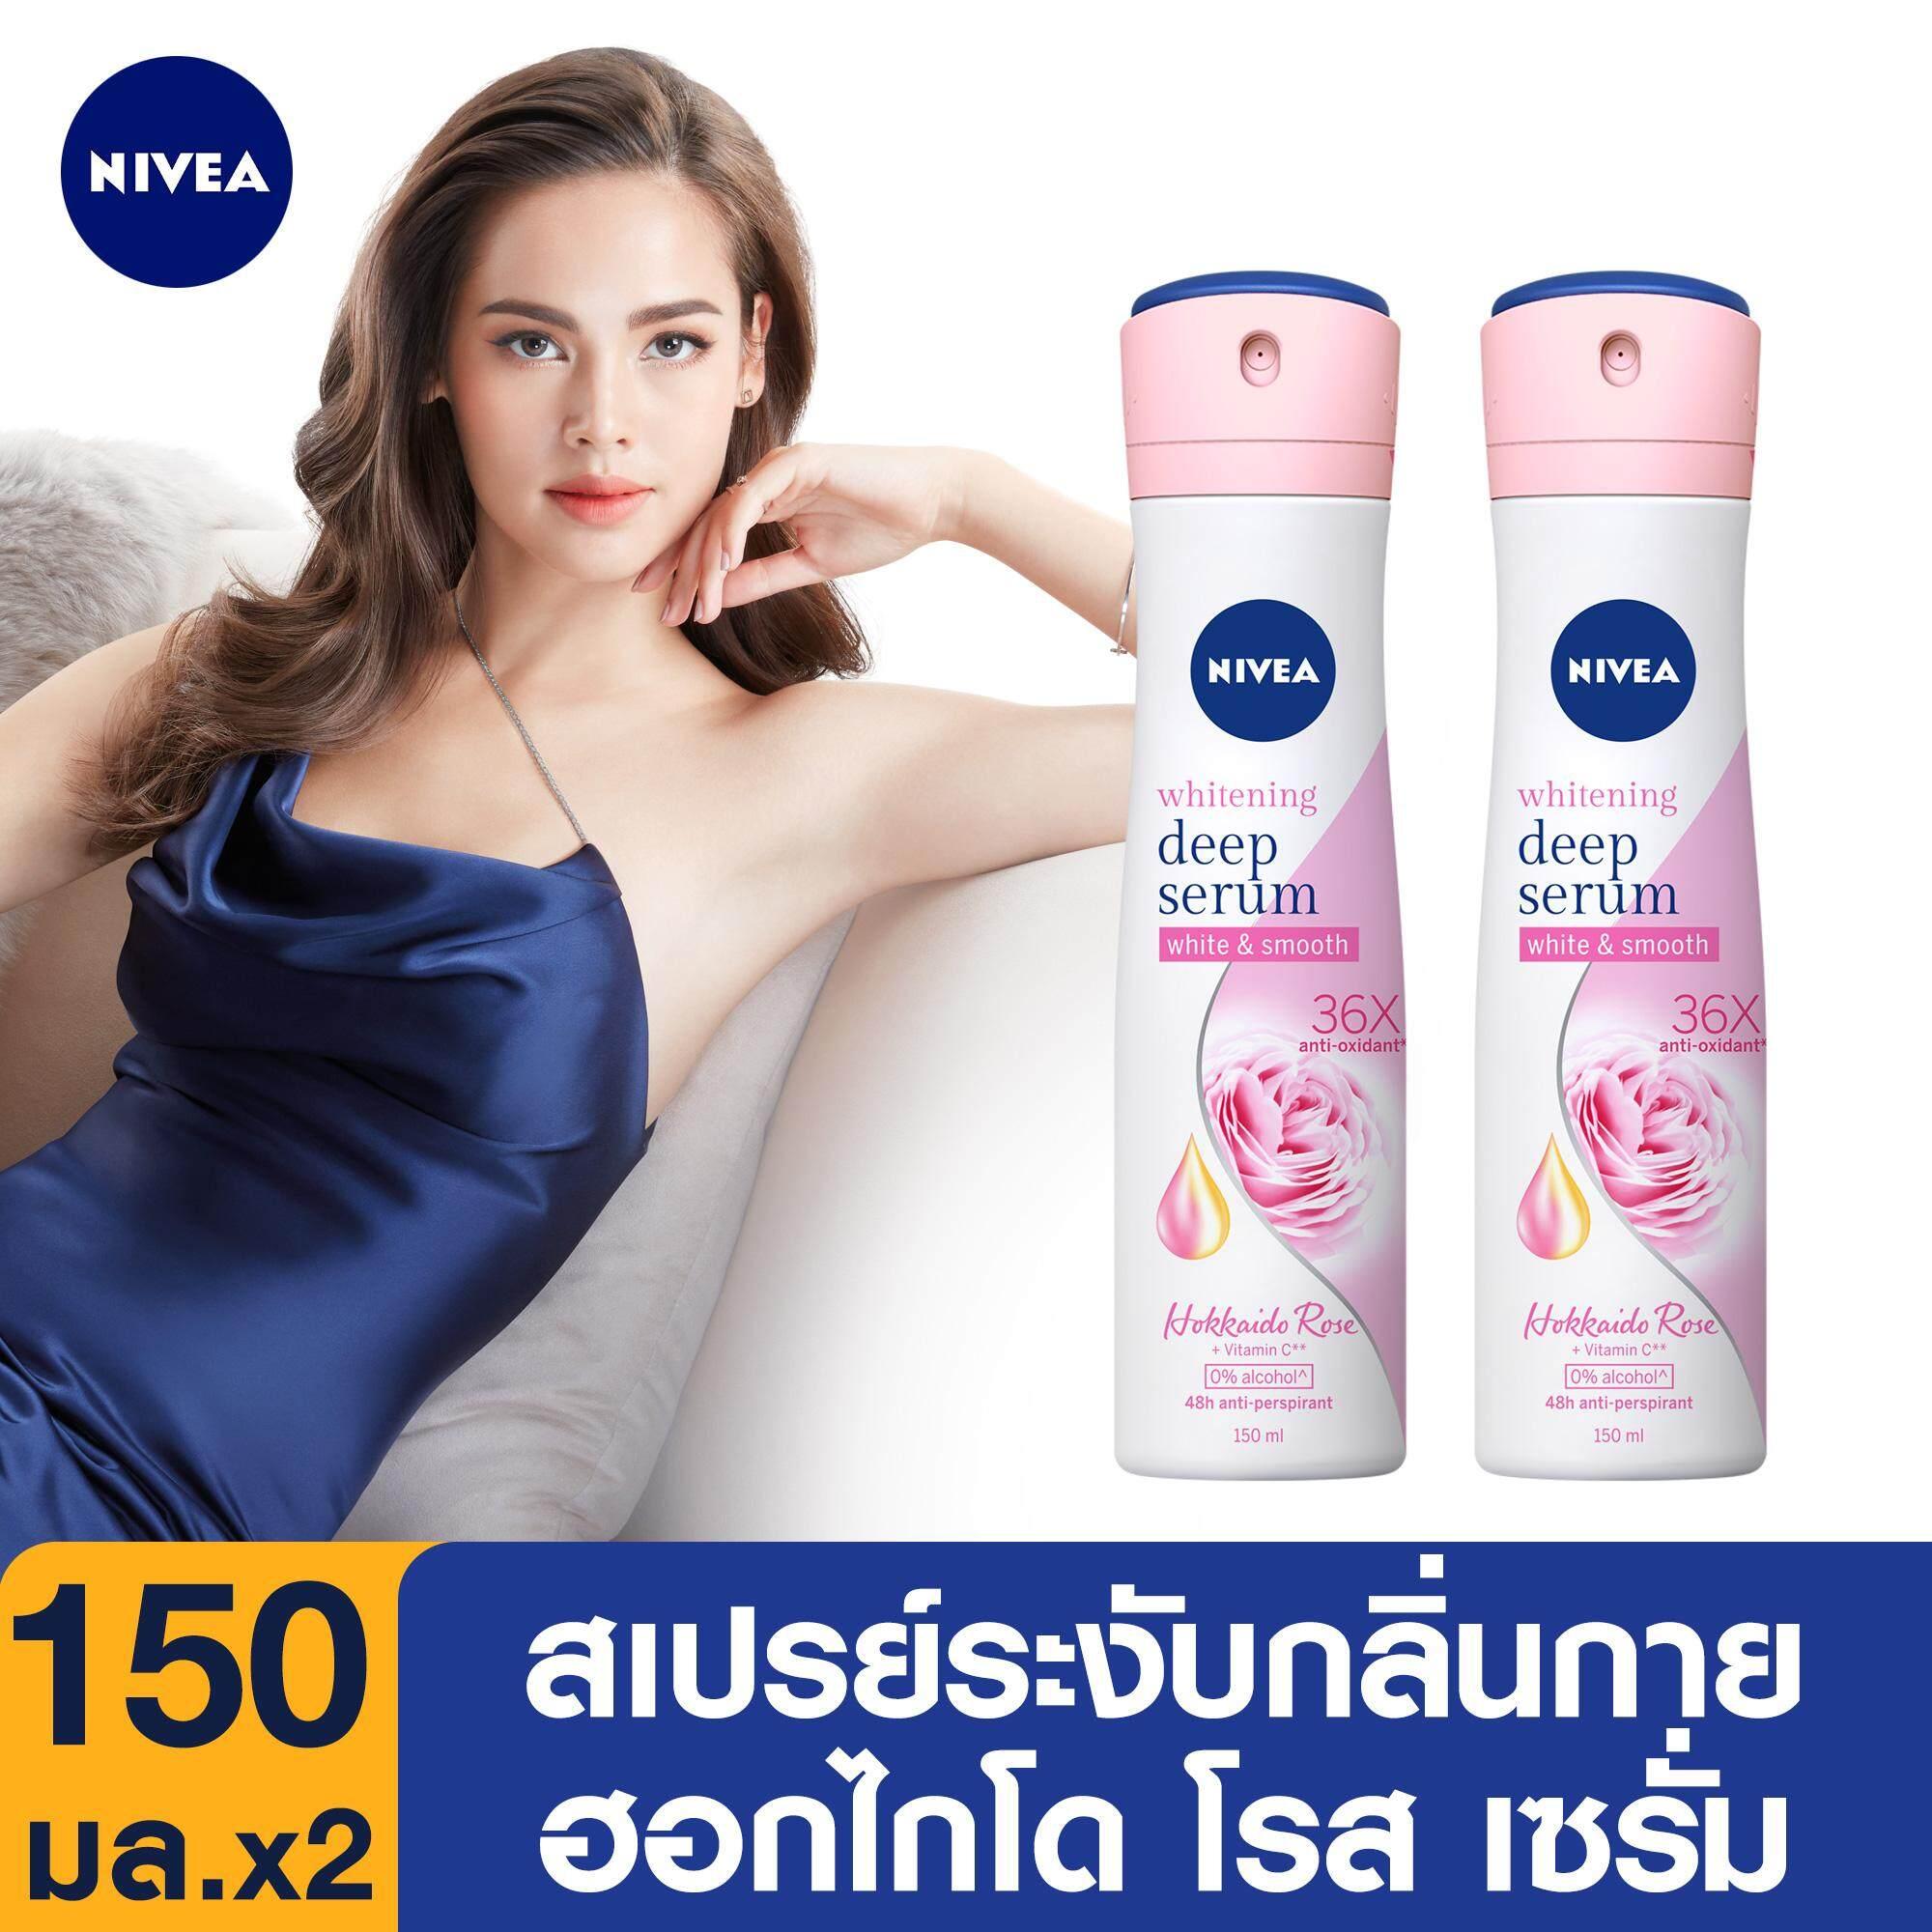 นีเวีย ดีโอ สเปรย์ ฮอกไกโด โรส สำหรับผู้หญิง 150 มล. 2 ชิ้น NIVEA Deo Hokkaido Rose Spray 150 ml. 2 pcs (สเปรย์ ระงับกลิ่นกาย กำจัดกลิ่นตัว ลดกลิ่นตัว deodorant รักแร้ขาว ป้องกัน รักแร้เปียก ลดเหงื่อ กระชับรูขุมขน กระชับรูขุมขน แก้รักแร้ดำ เซรั่มรักแร้)